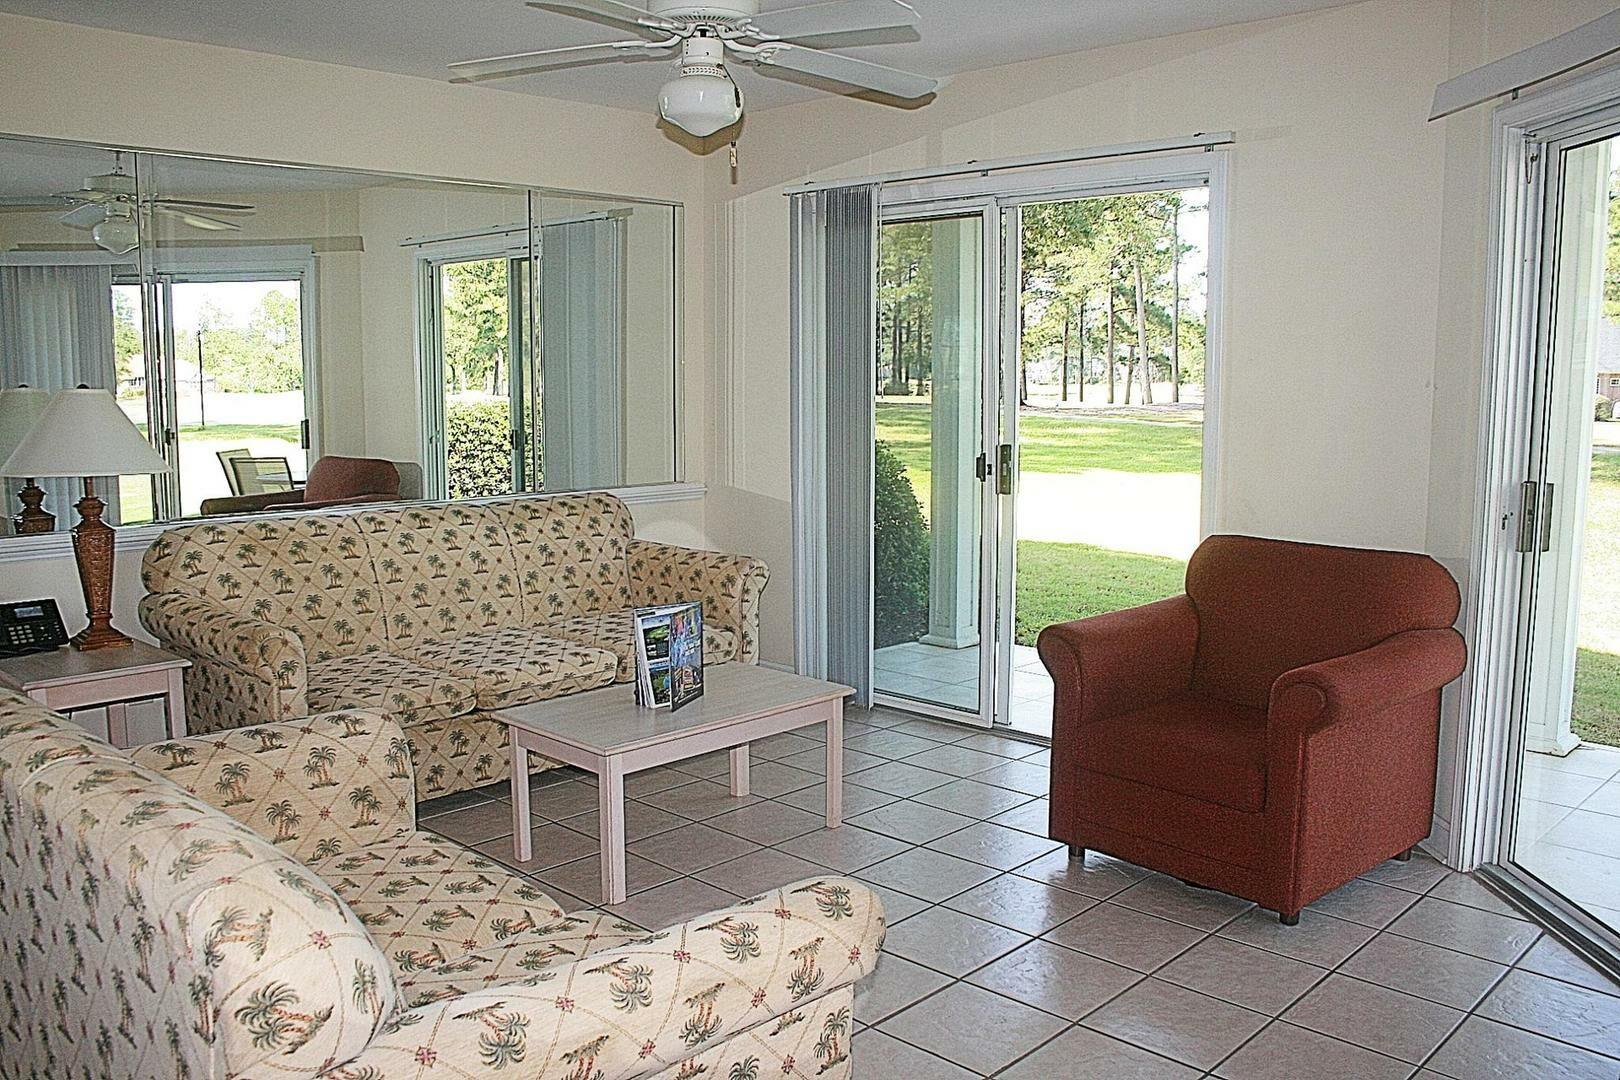 2703M 1 Bedroom/1 Bath Villa